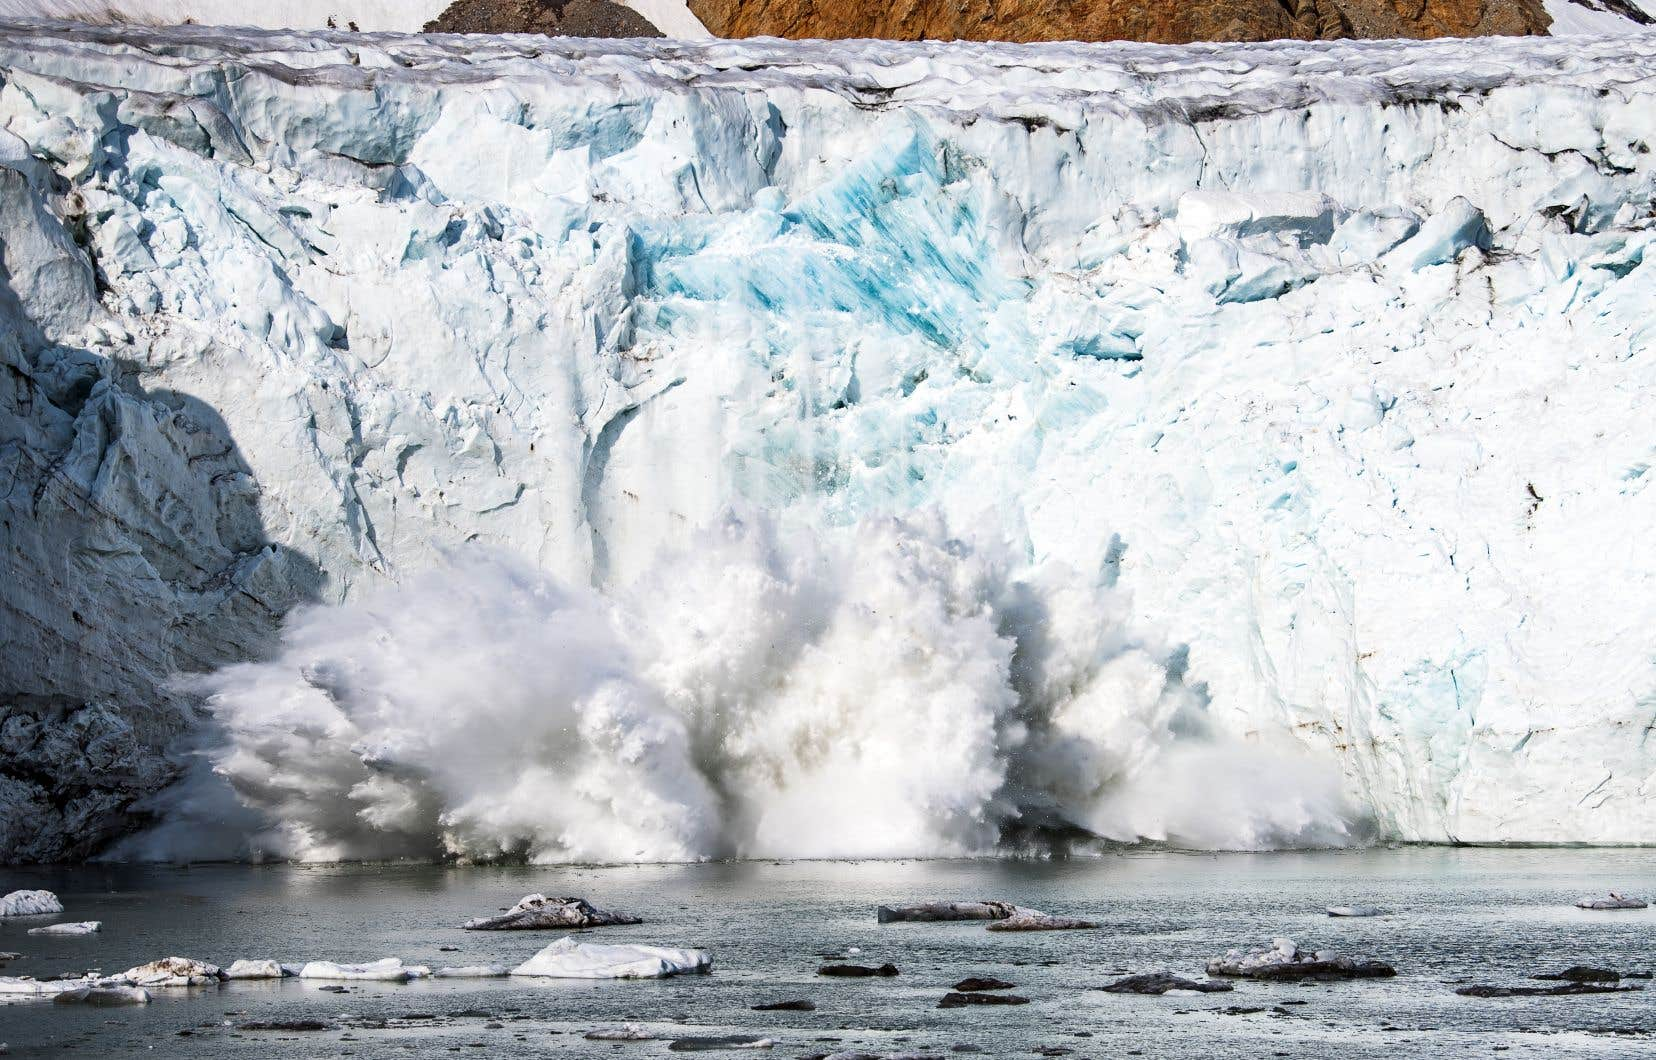 Le changement climatique pèse lourd sur les glaciers et la fonte de la calotte glaciaire menace des dizaines de millions de personnes dans le monde entier.